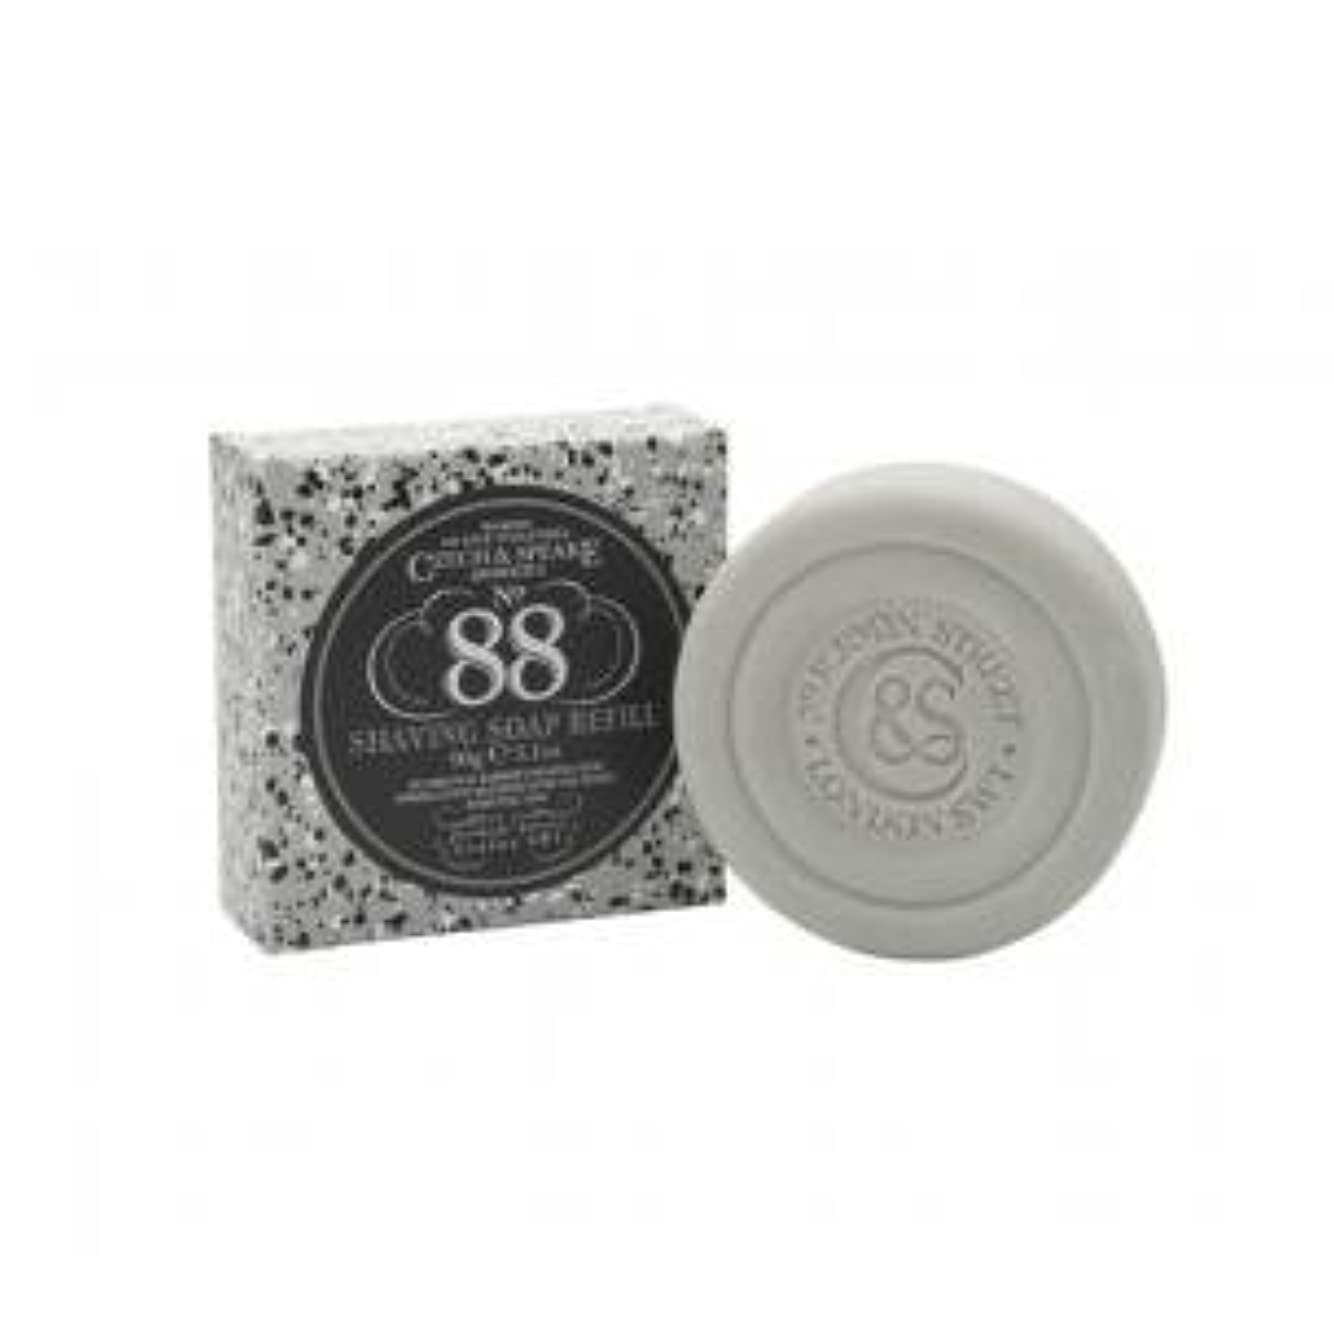 会話中世のキャメルCzech and Speake NO88 SHAVING SOAP REFILL 90g [並行輸入品]